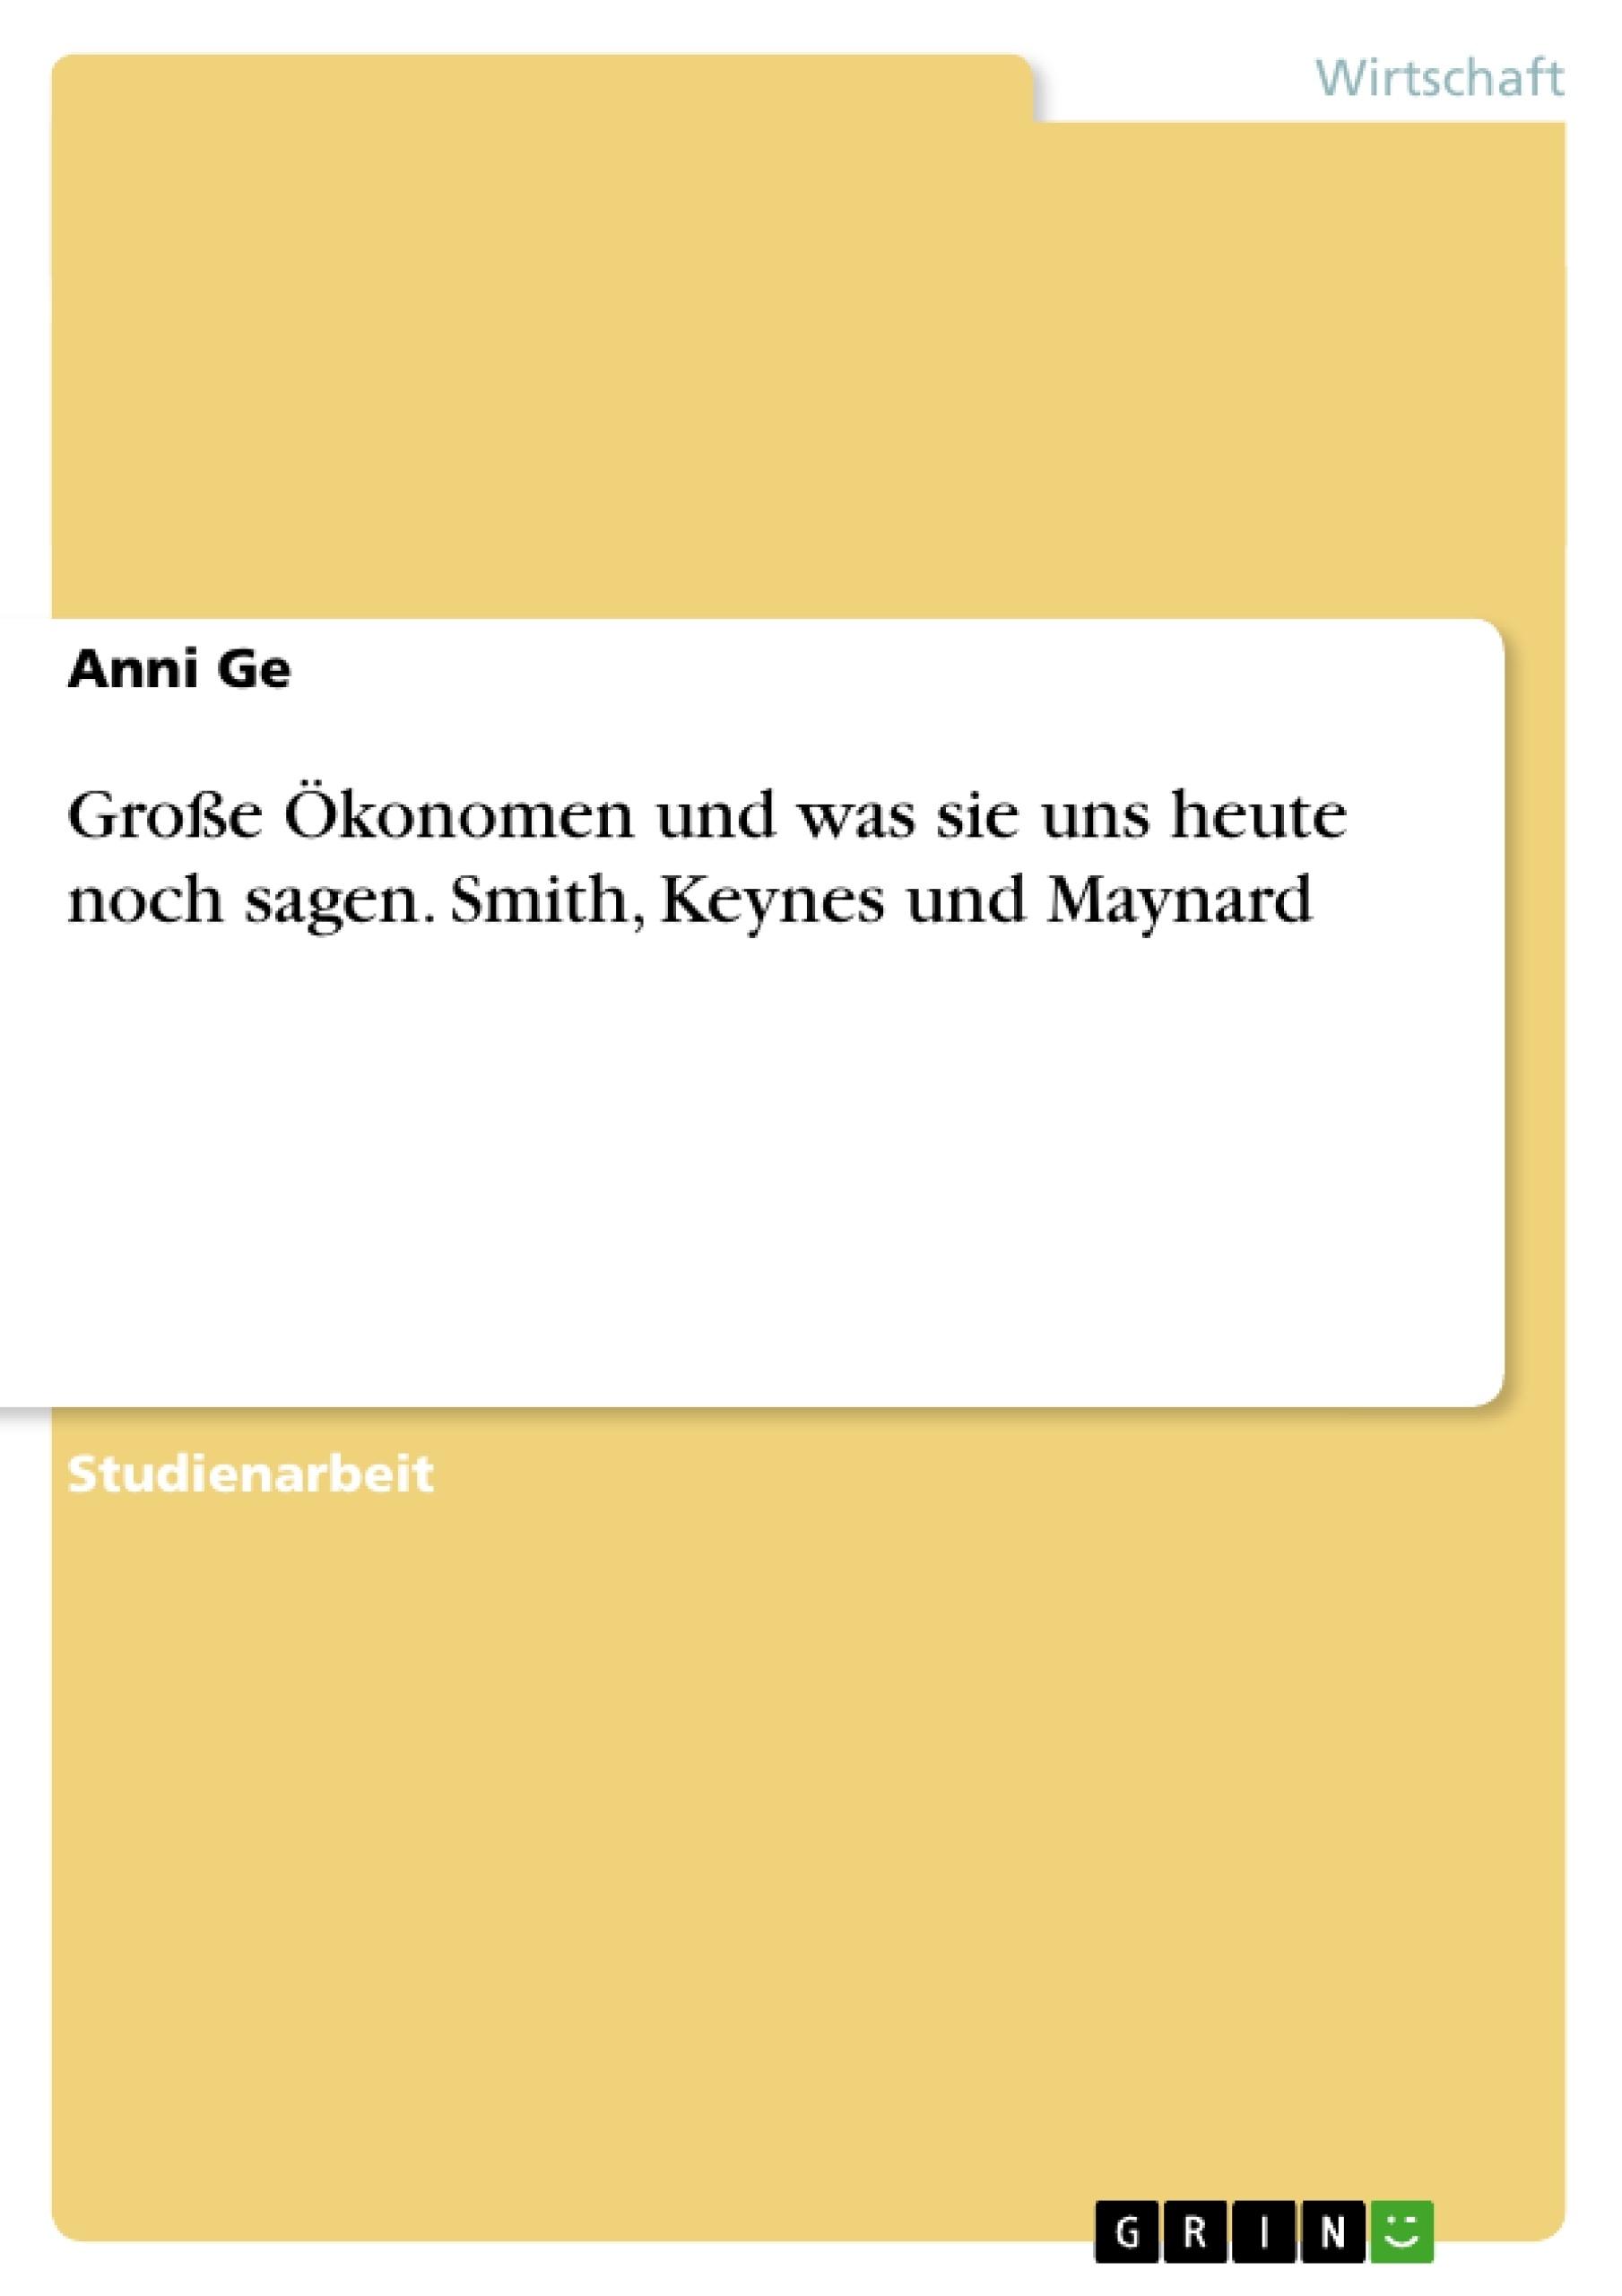 Titel: Große Ökonomen und was sie uns heute noch sagen. Smith, Keynes und Maynard